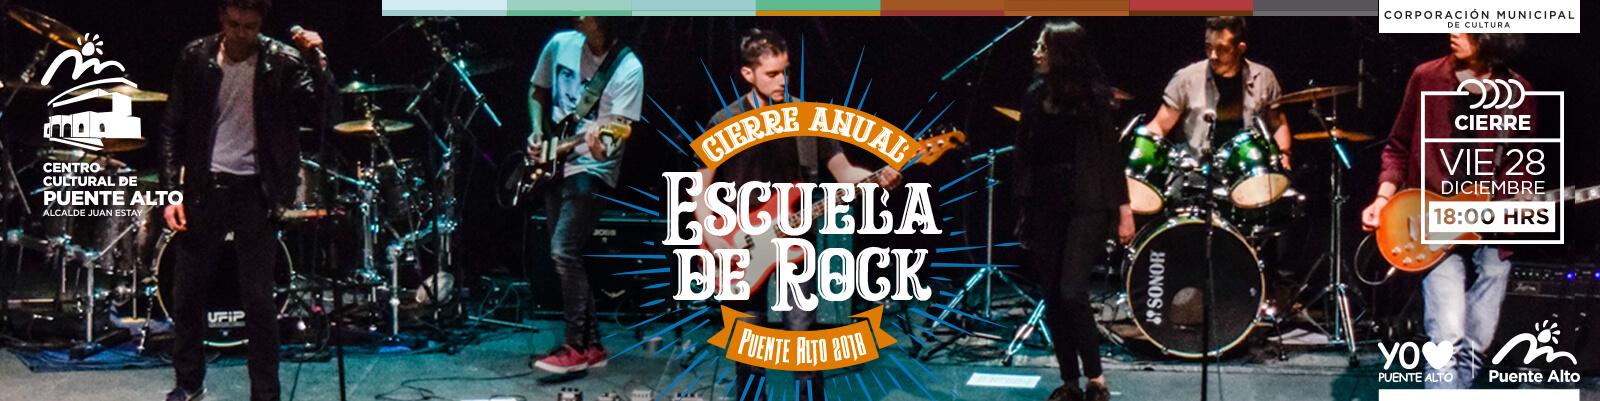 Cierre de Talleres Escuela de Rock 2018.